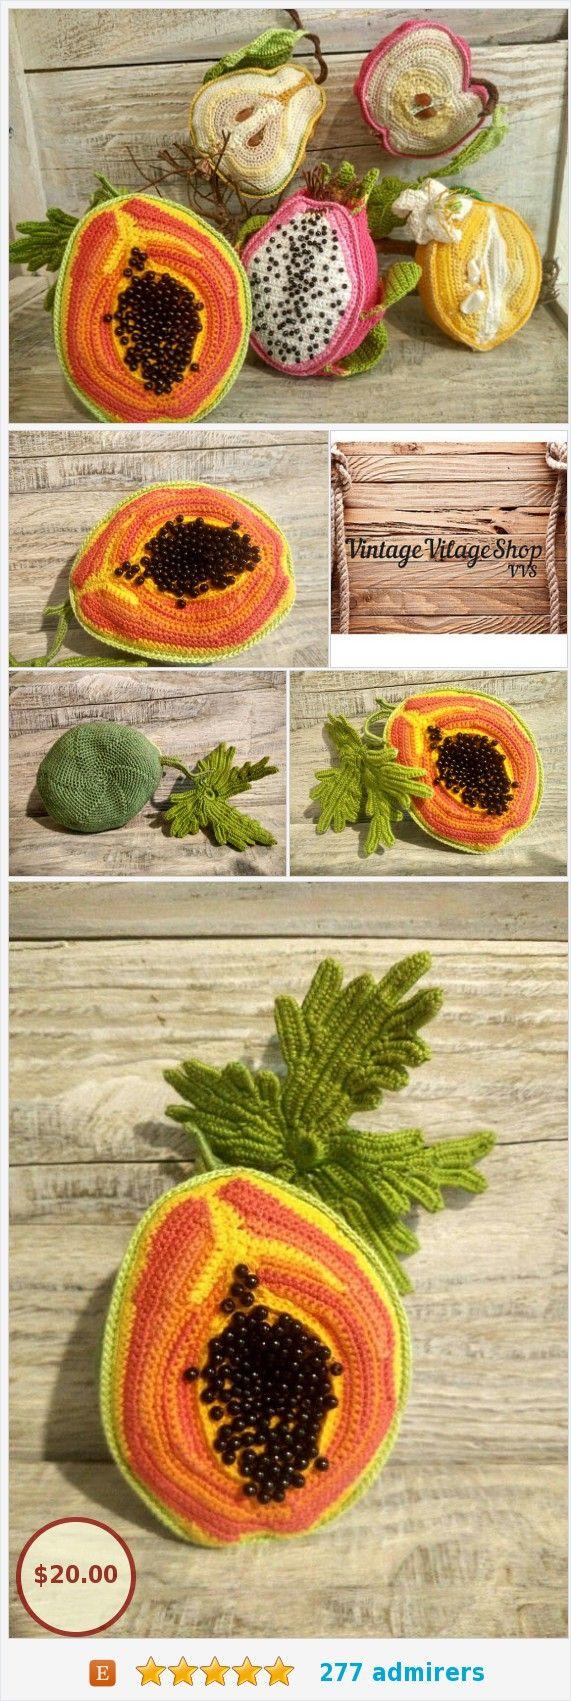 Papaya Orange Fruit Exotic Miniature Realistic Food Handmade Toy #etsy @aleksandray0000 https://www.etsy.com/VintageVilageShop/listing/576412738/papaya-orange-fruit-exotic-miniature?ref=listing-shop-header-3  (Pinned using https://PromotePictures.com)